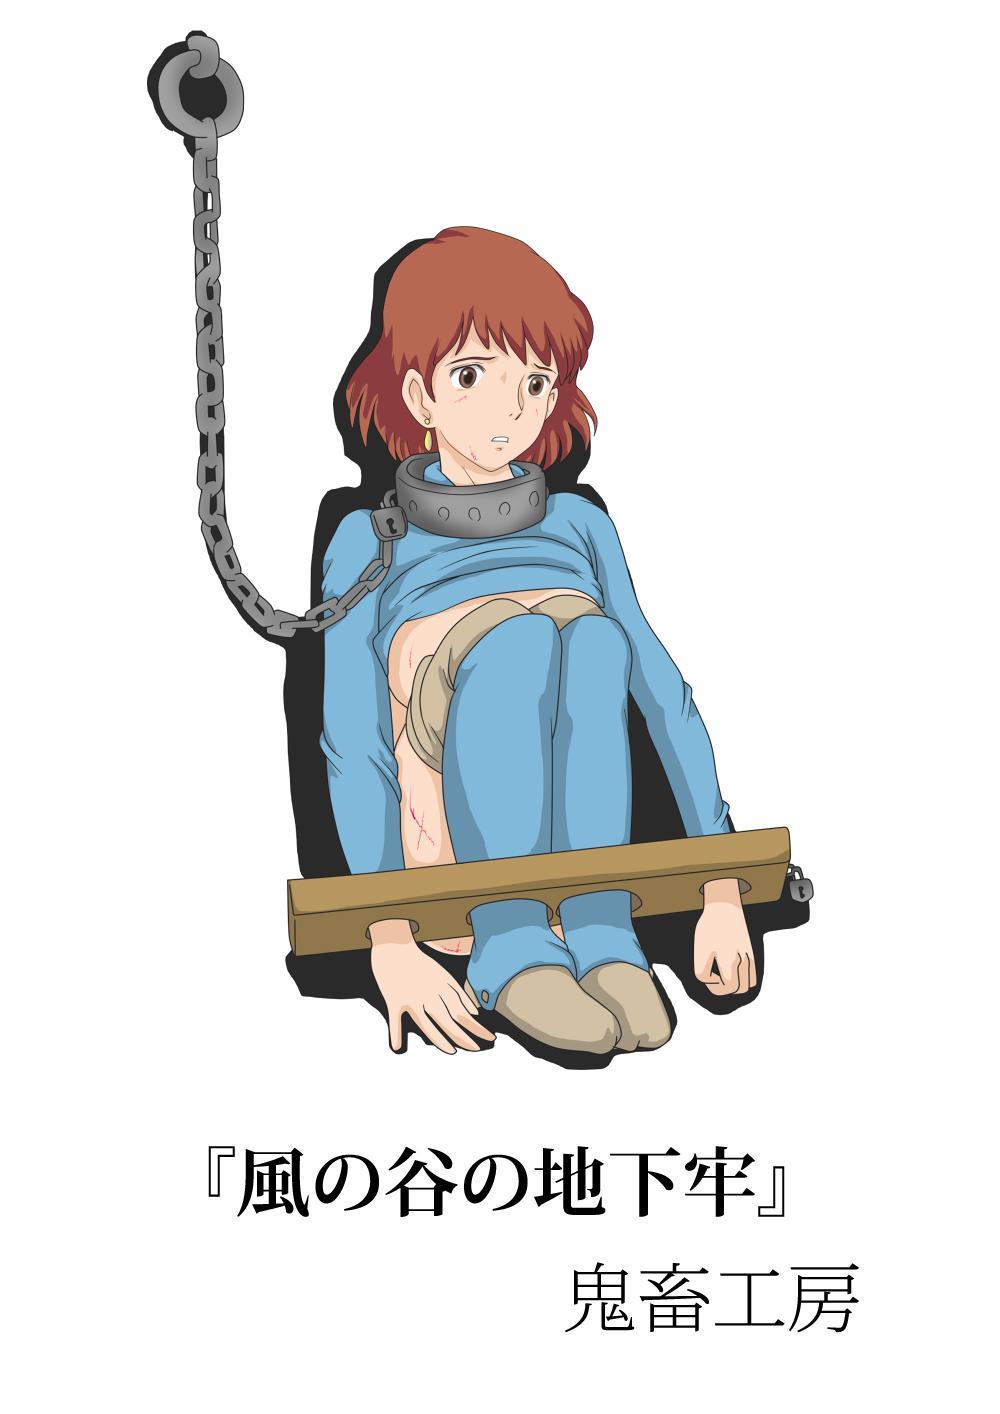 Kaze no Tani no Chikarou 0